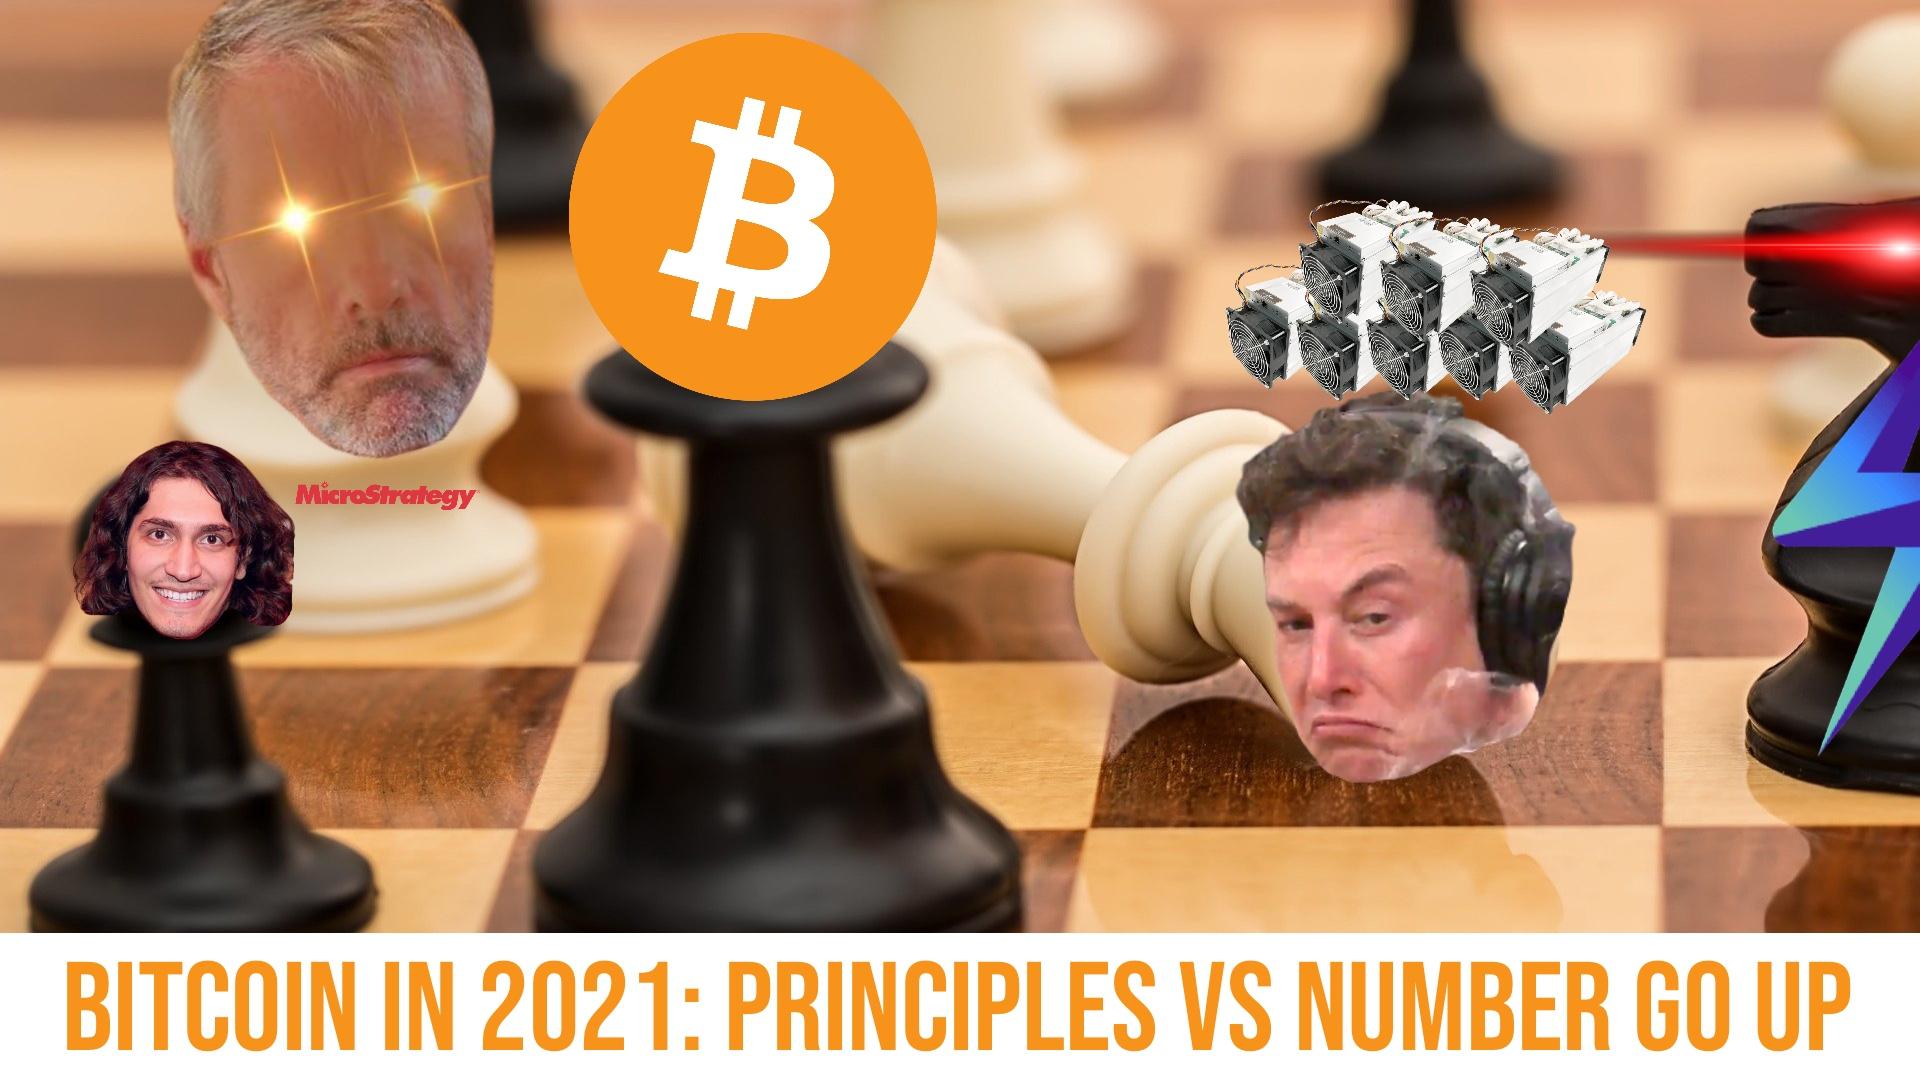 meg kell vásárolnom most bitcoin-t